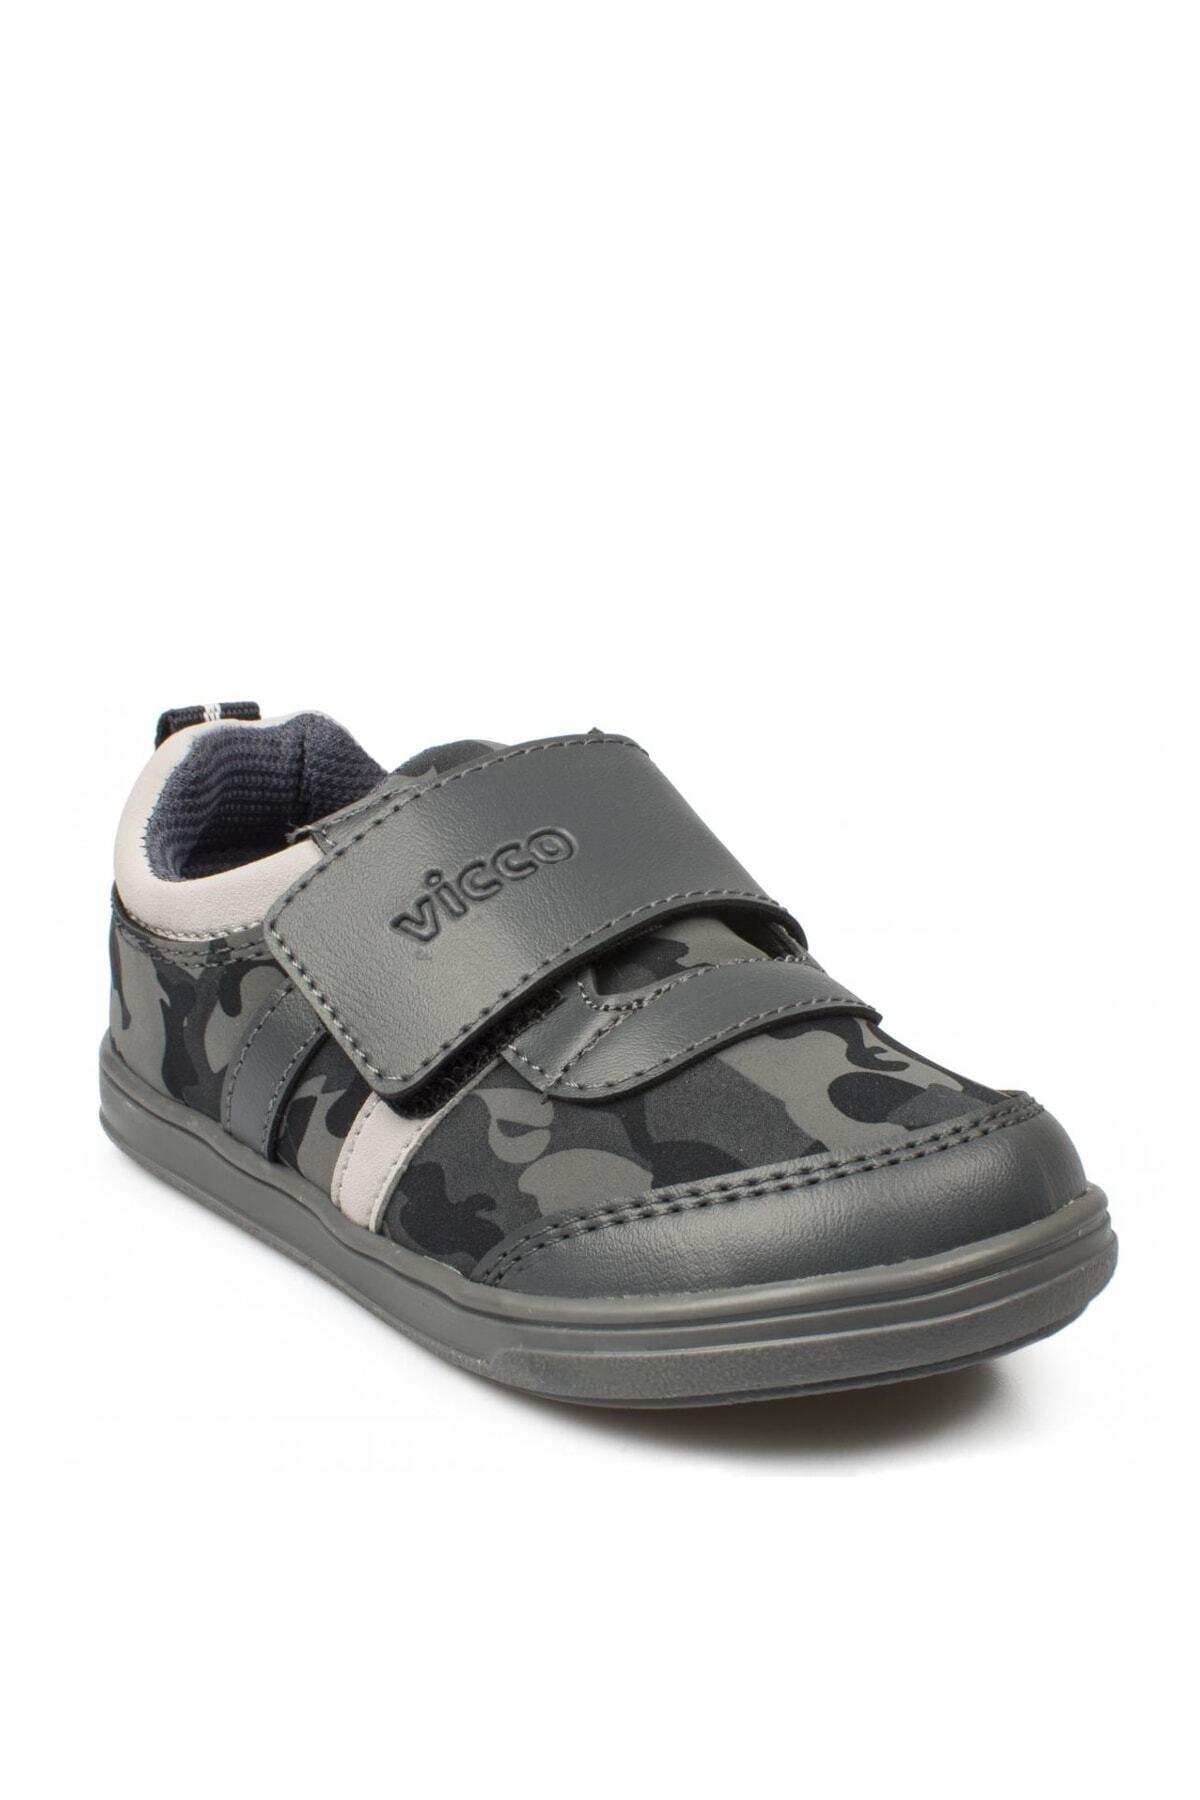 Vicco Füme Erkek Bebek Yürüyüş Ayakkabısı 211 950.e19k223 1